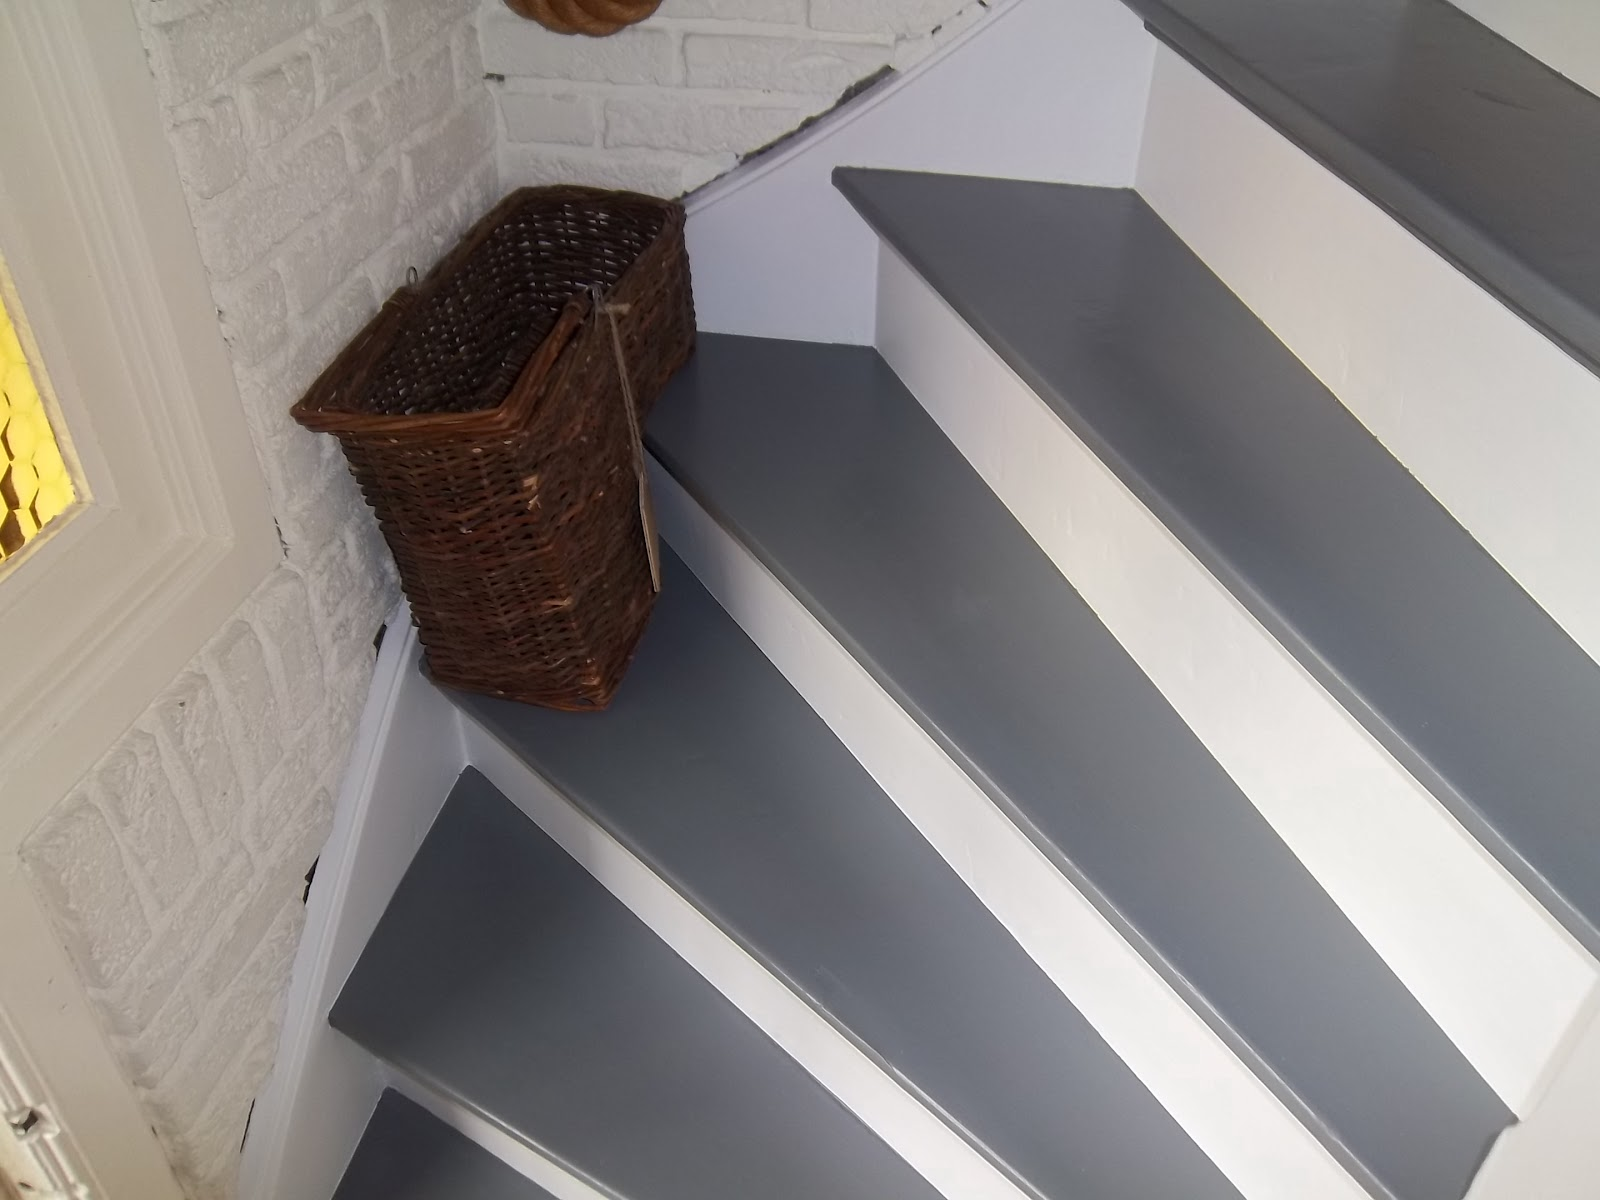 New zelf trap schilderen 2019